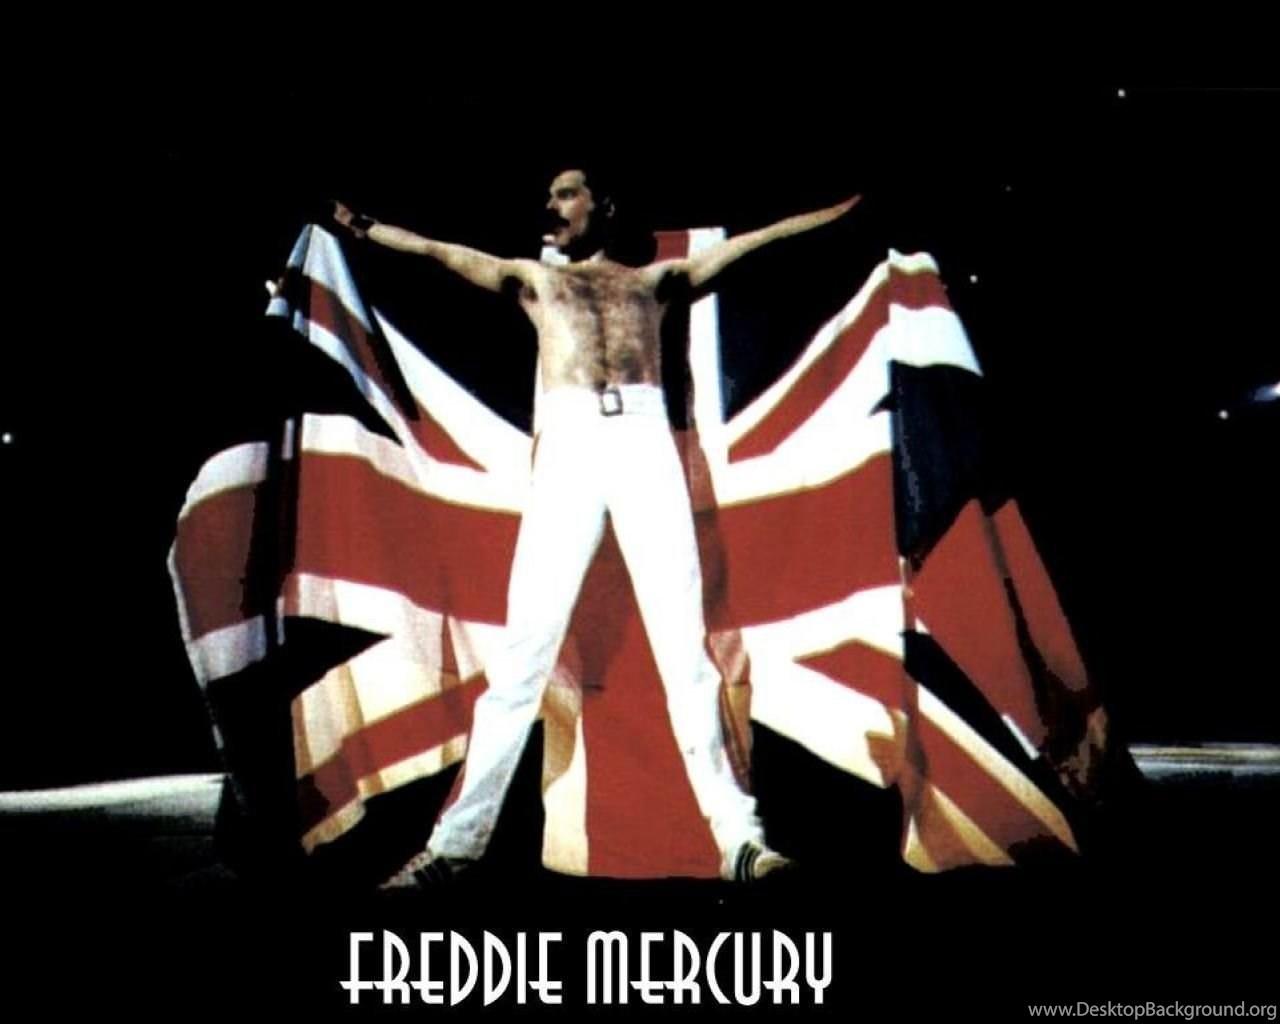 Musique Queen Freddie Mercury Hd Wallpapers Wallpapers Desktop Background